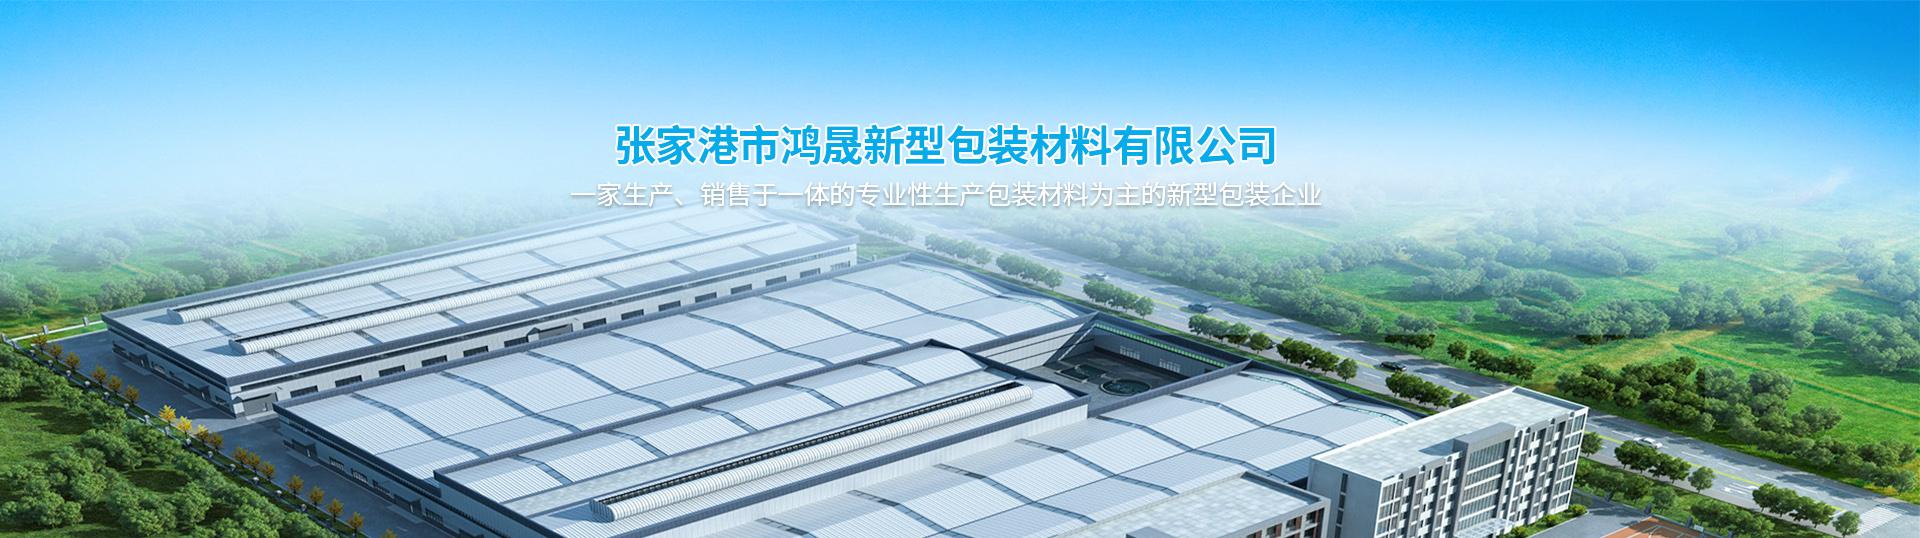 张家港市鸿晟新型包装材料有限公司